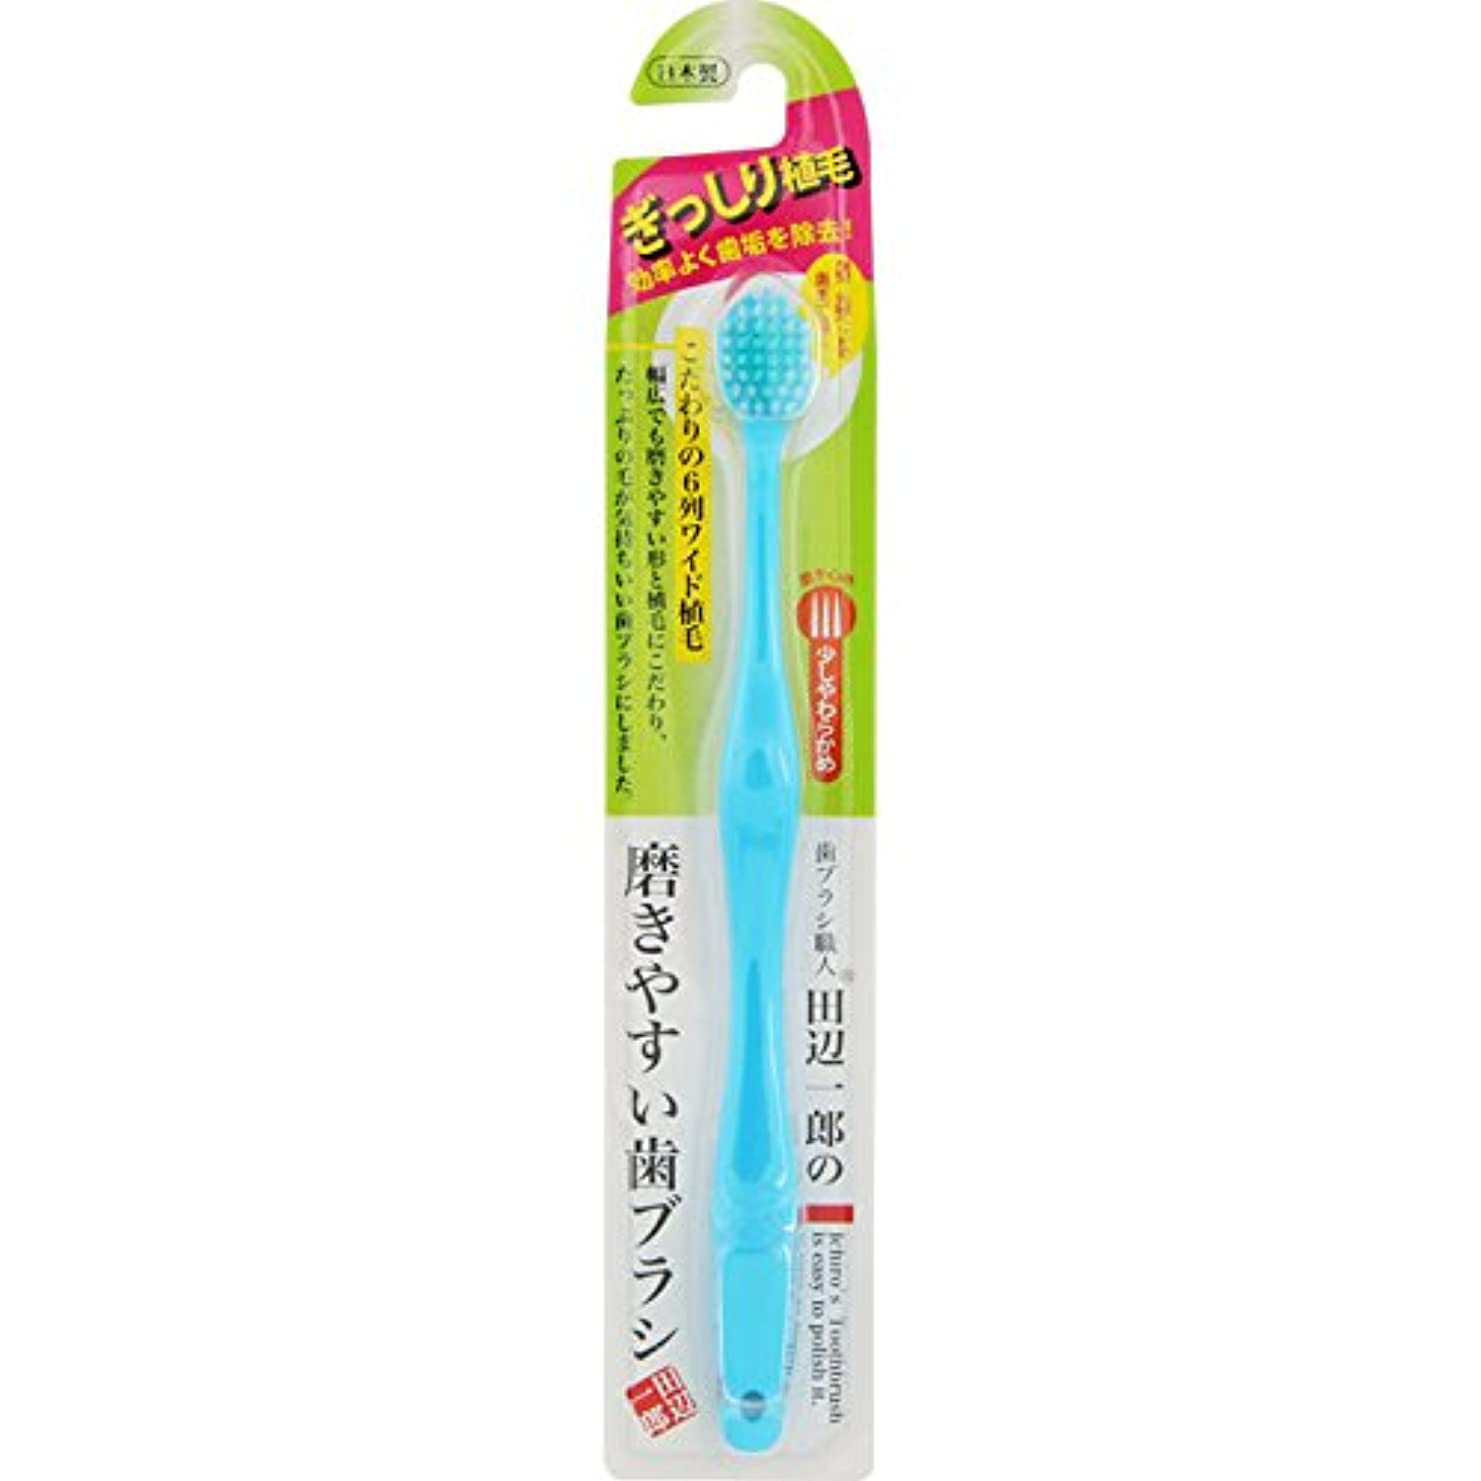 保証金お客様寛大なライフレンジ 磨きやすい歯ブラシ ワイド 少しやわらかめ 1本